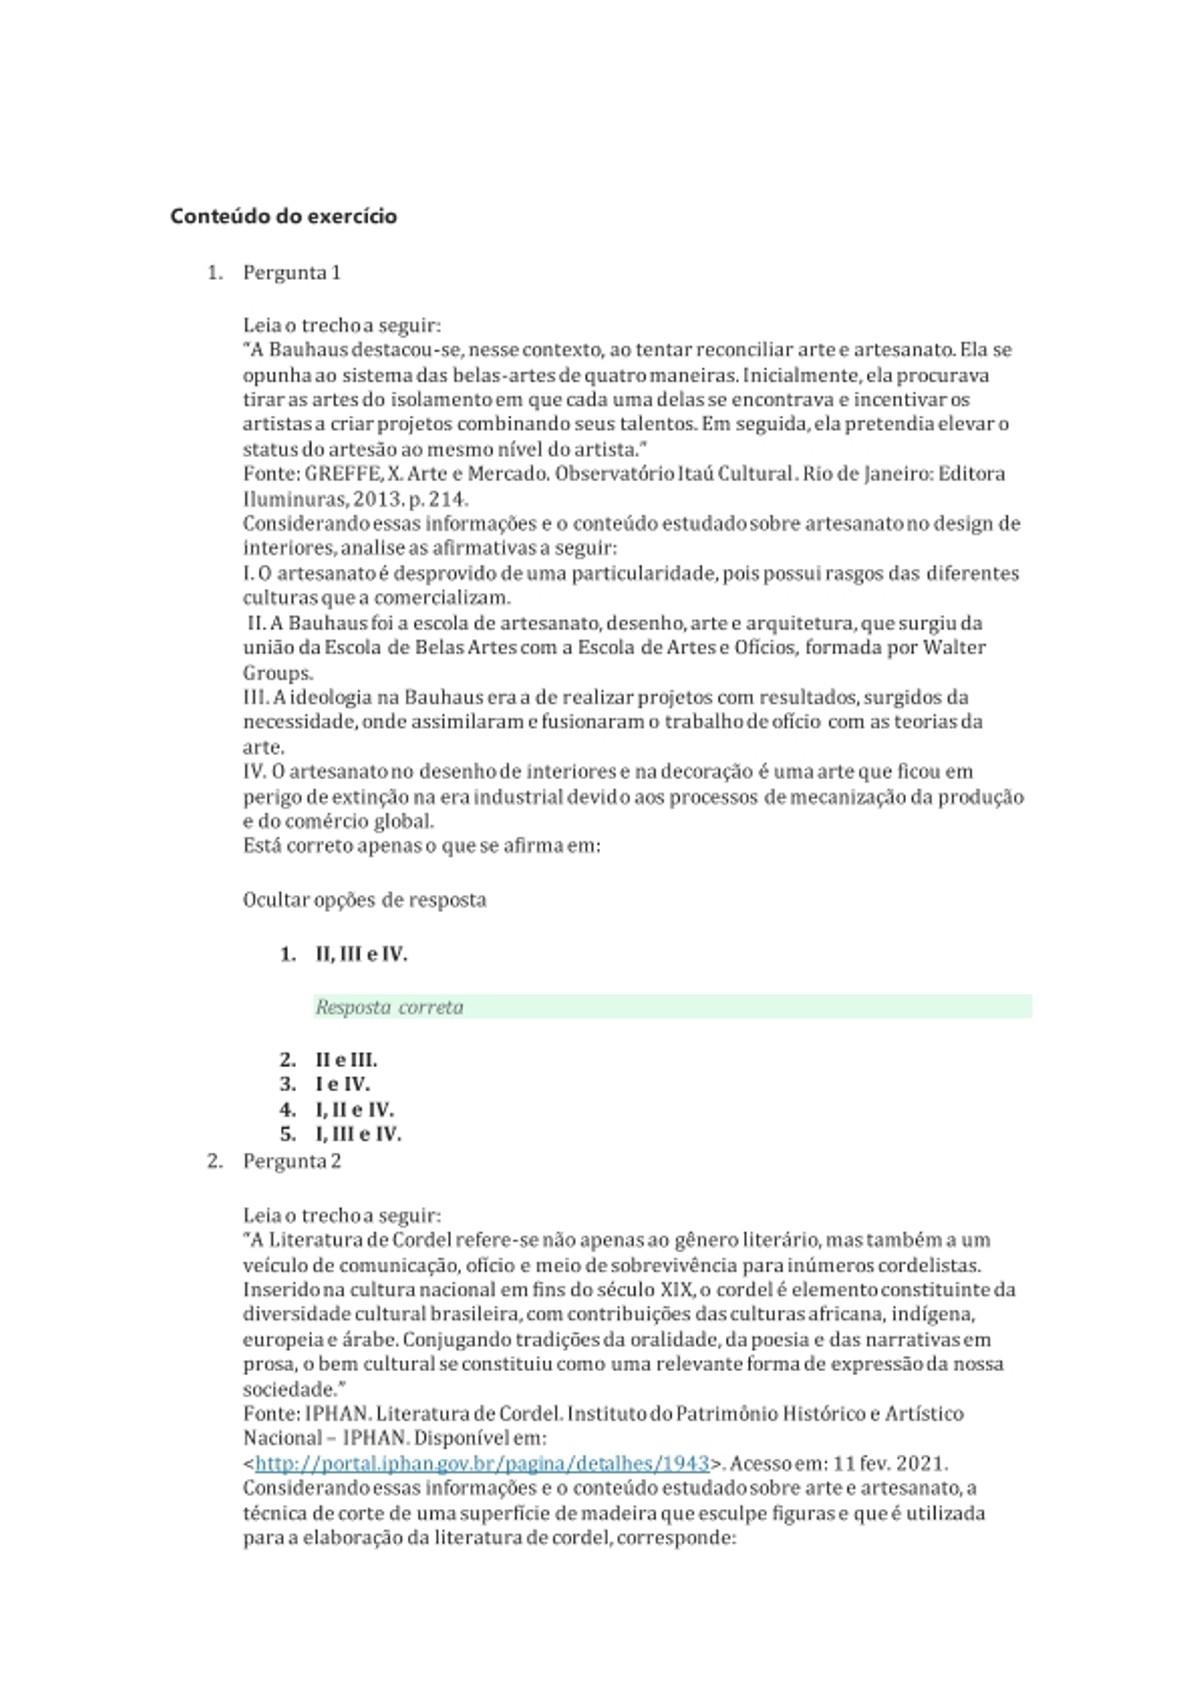 Pre-visualização do material AOL 02 - Revestimento, cultura e aplicação em projetos - Uninassau - página 1